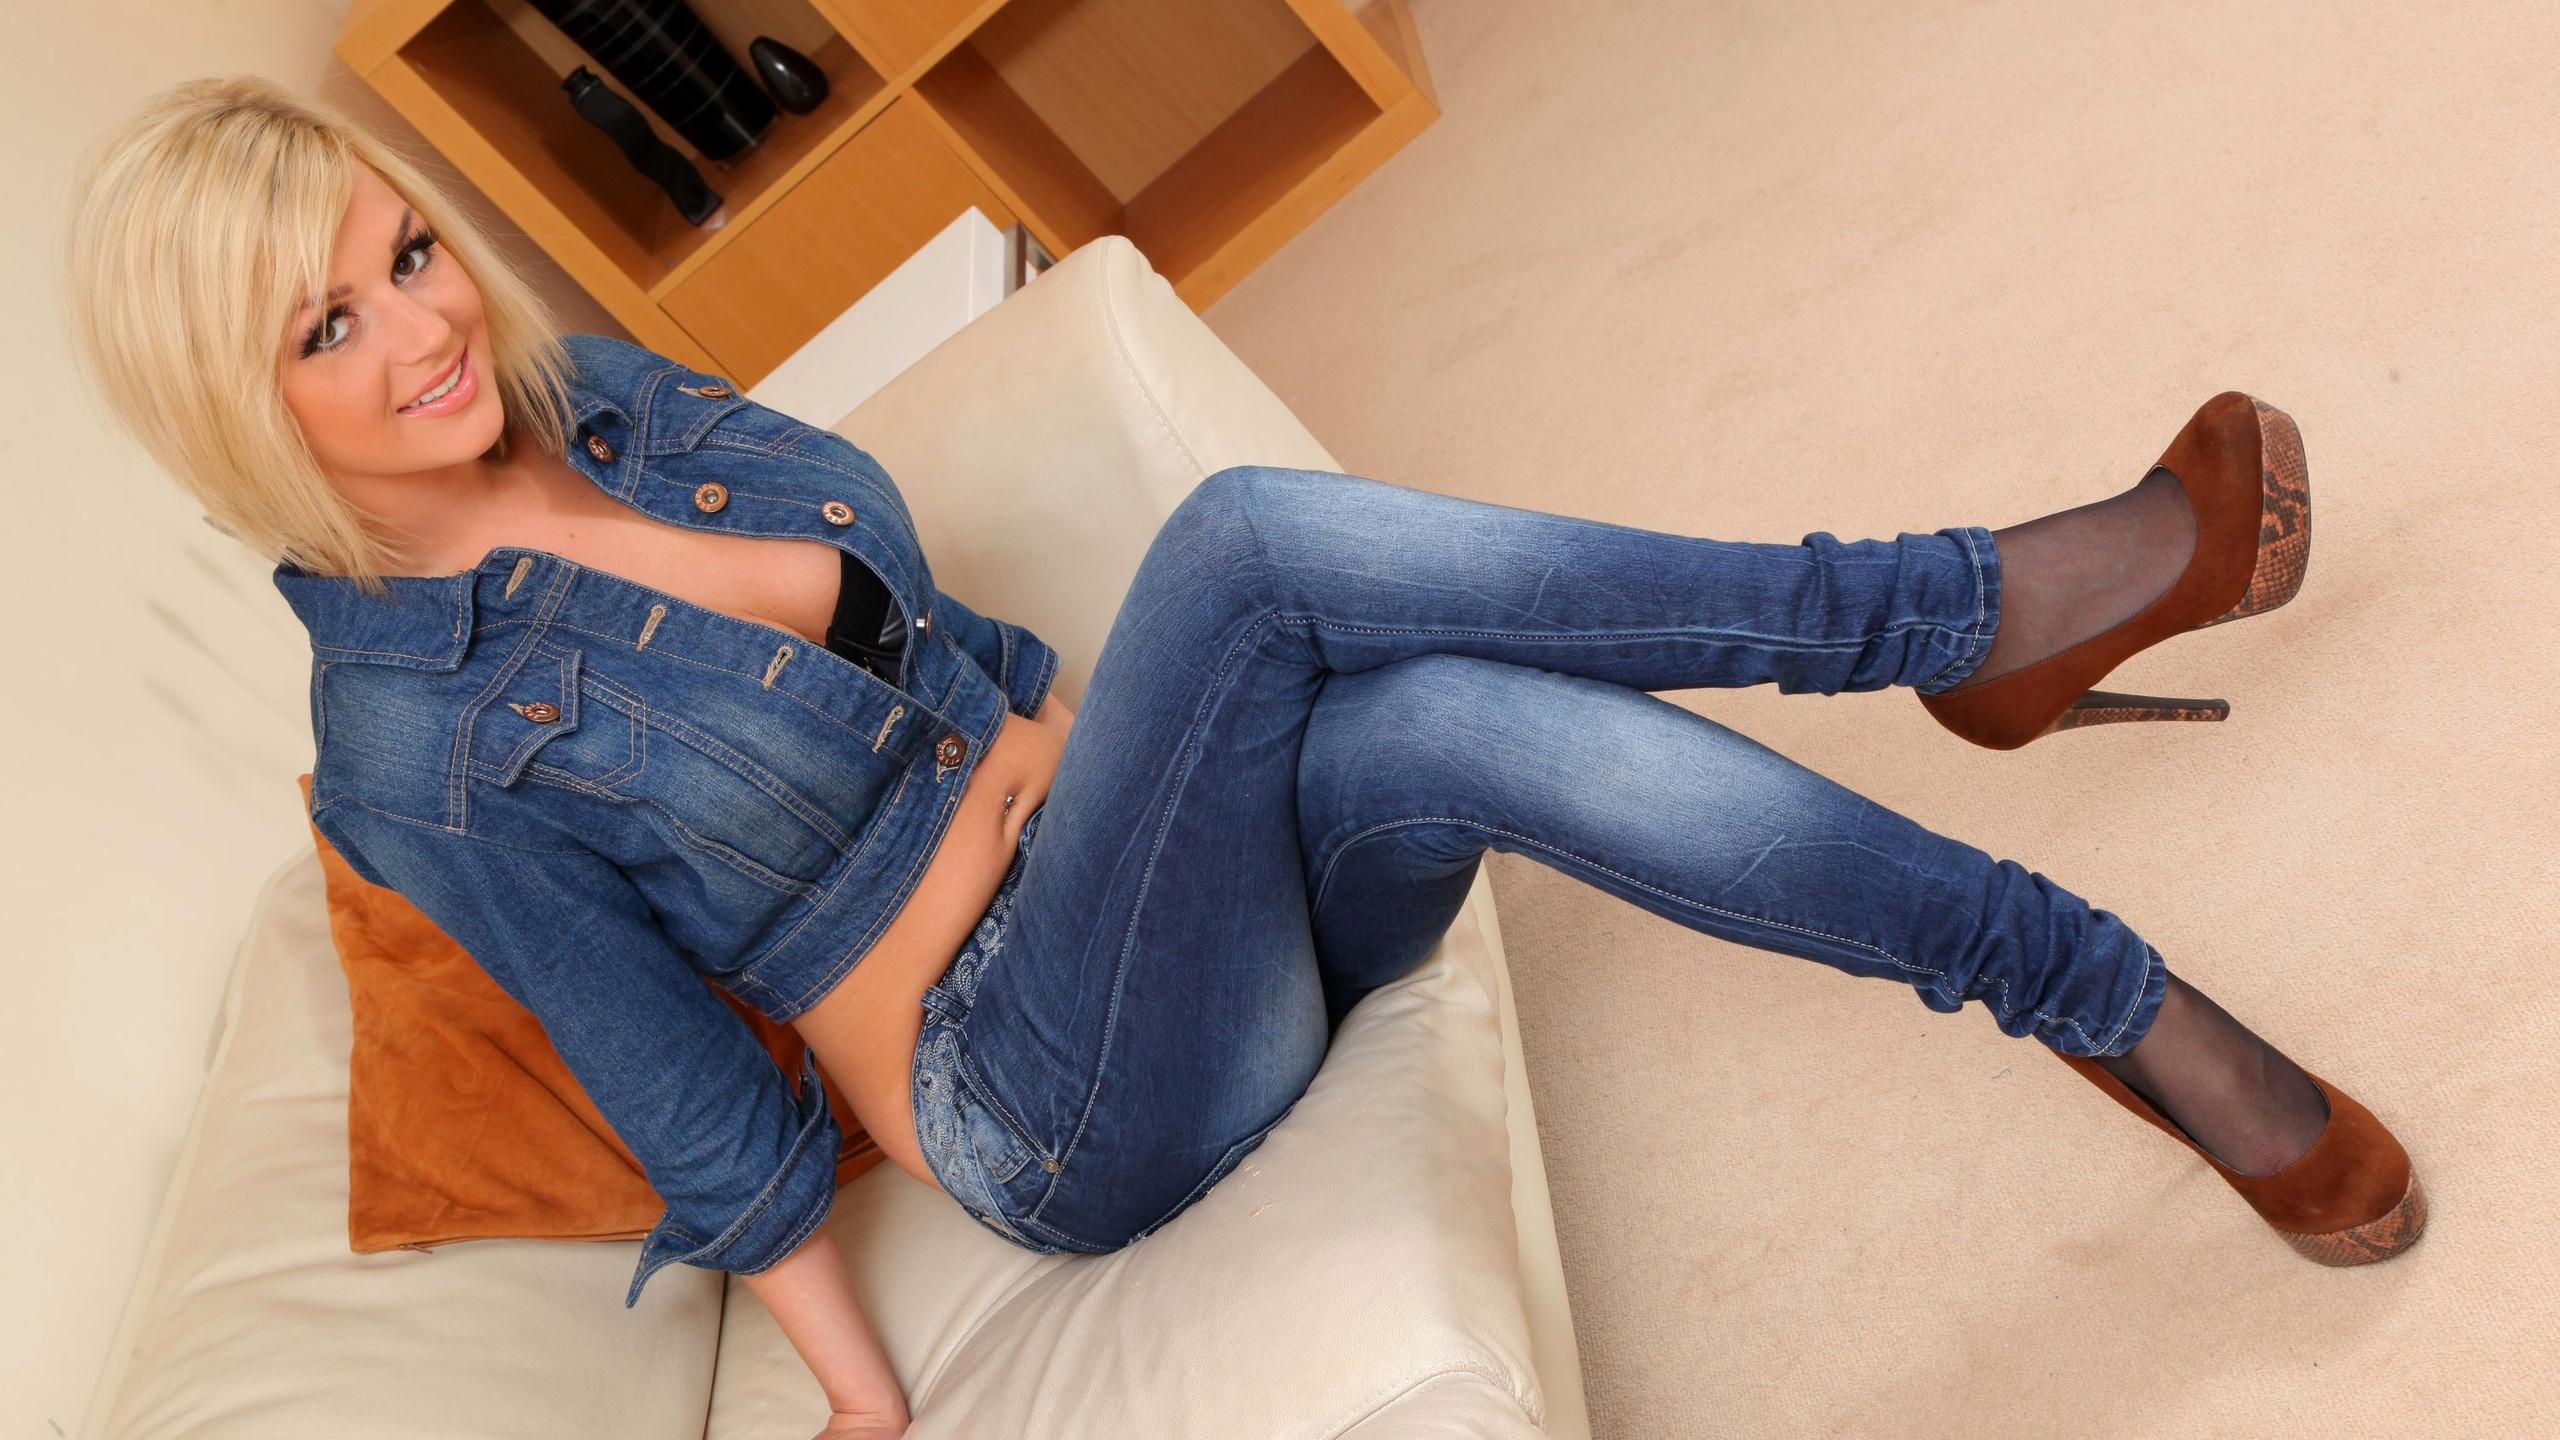 Смотреть русское ноги в обтягивающих джинсах стоит минута привате